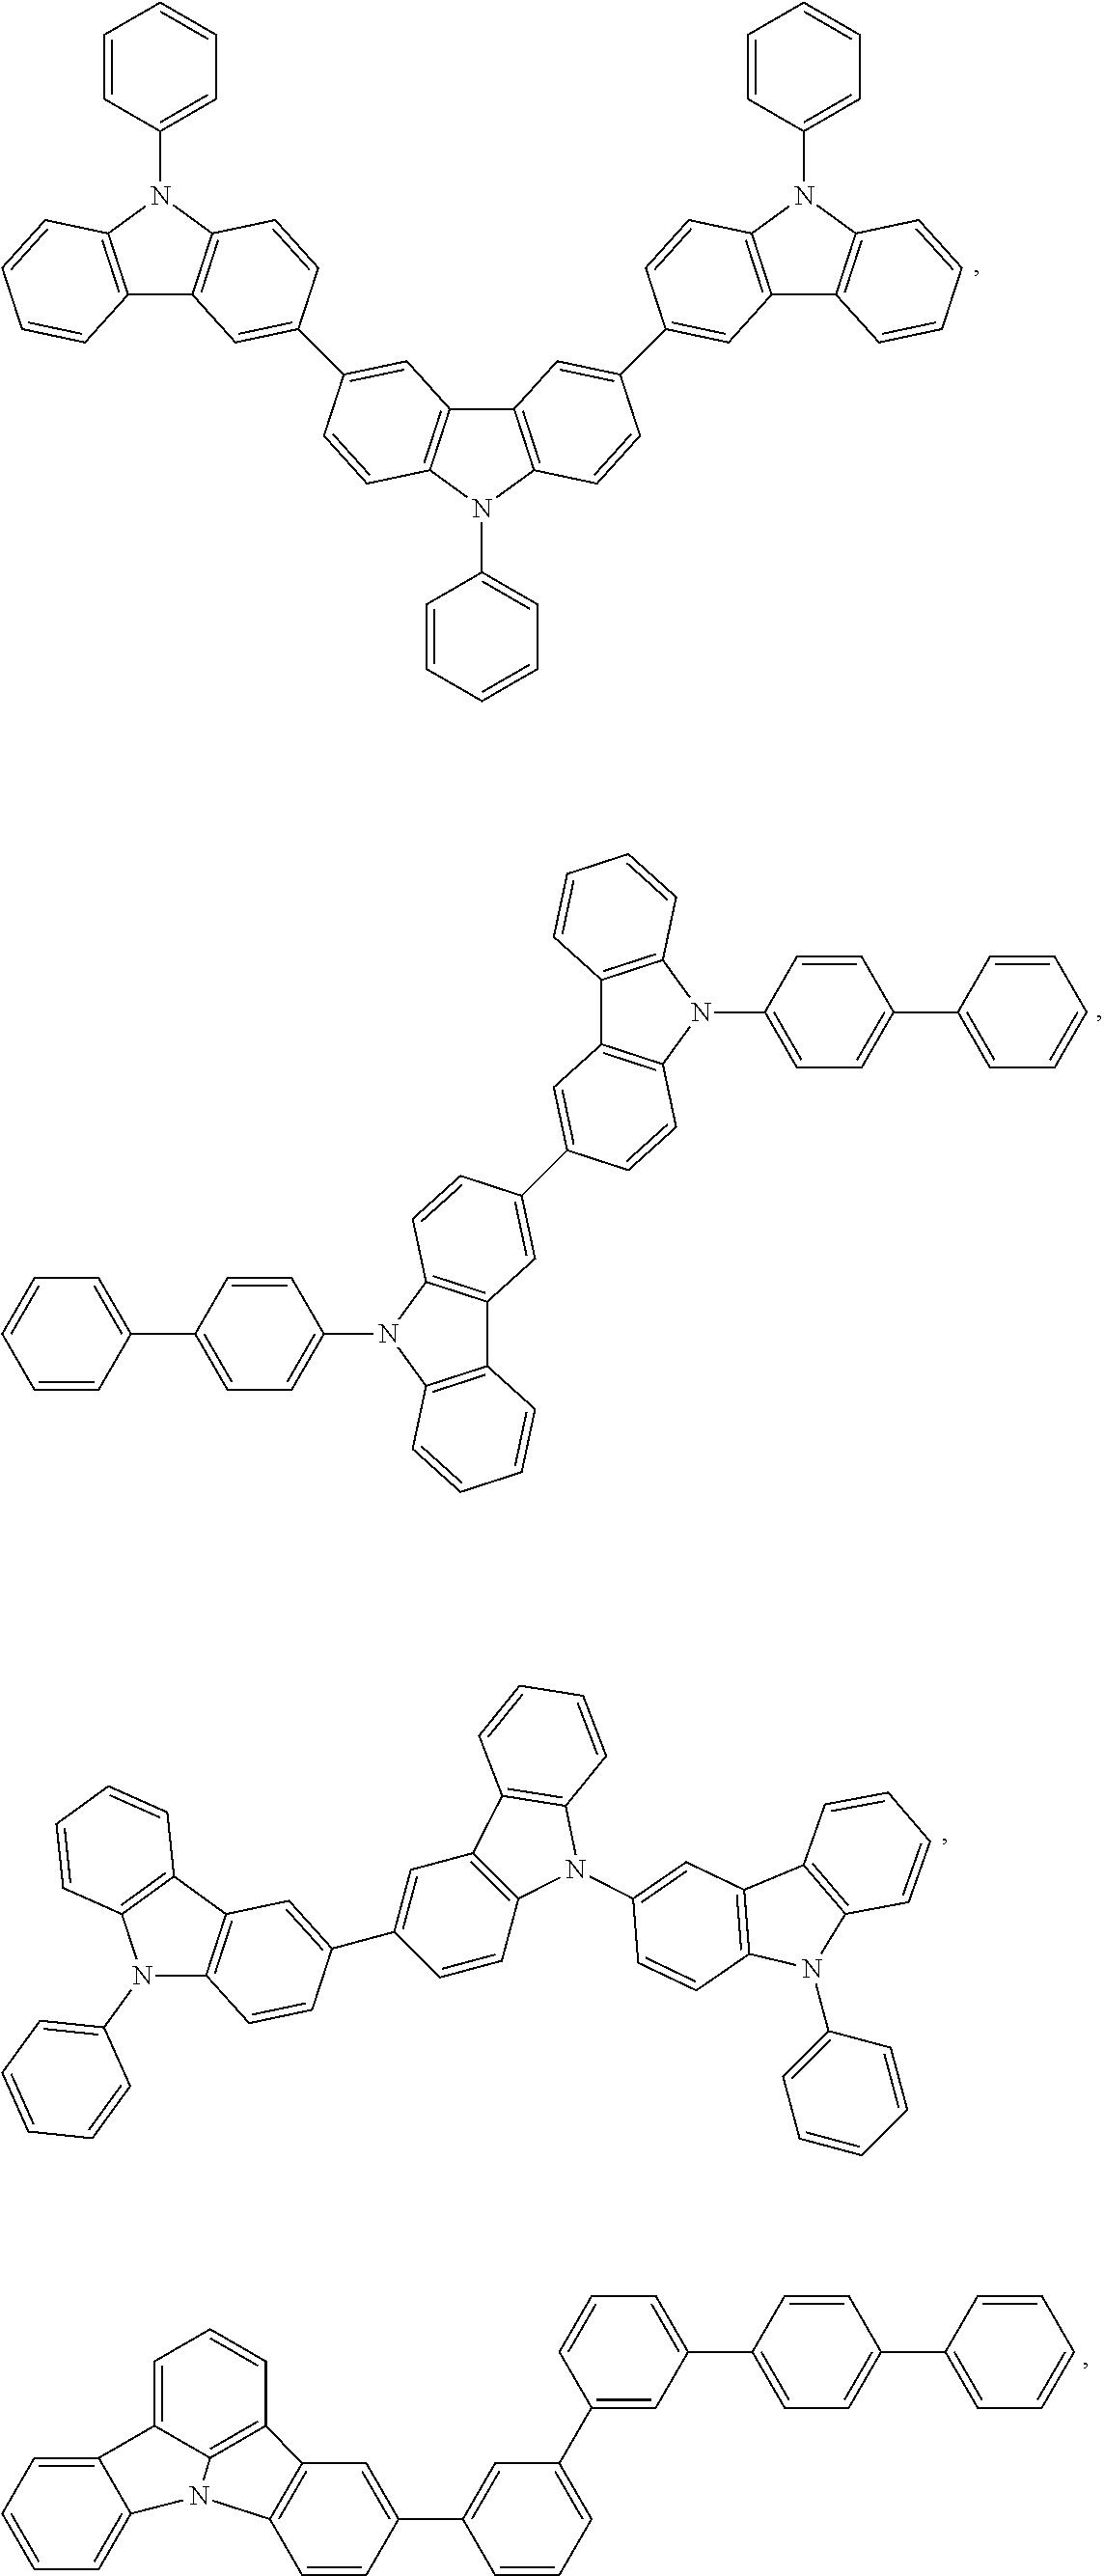 Figure US20180076393A1-20180315-C00091